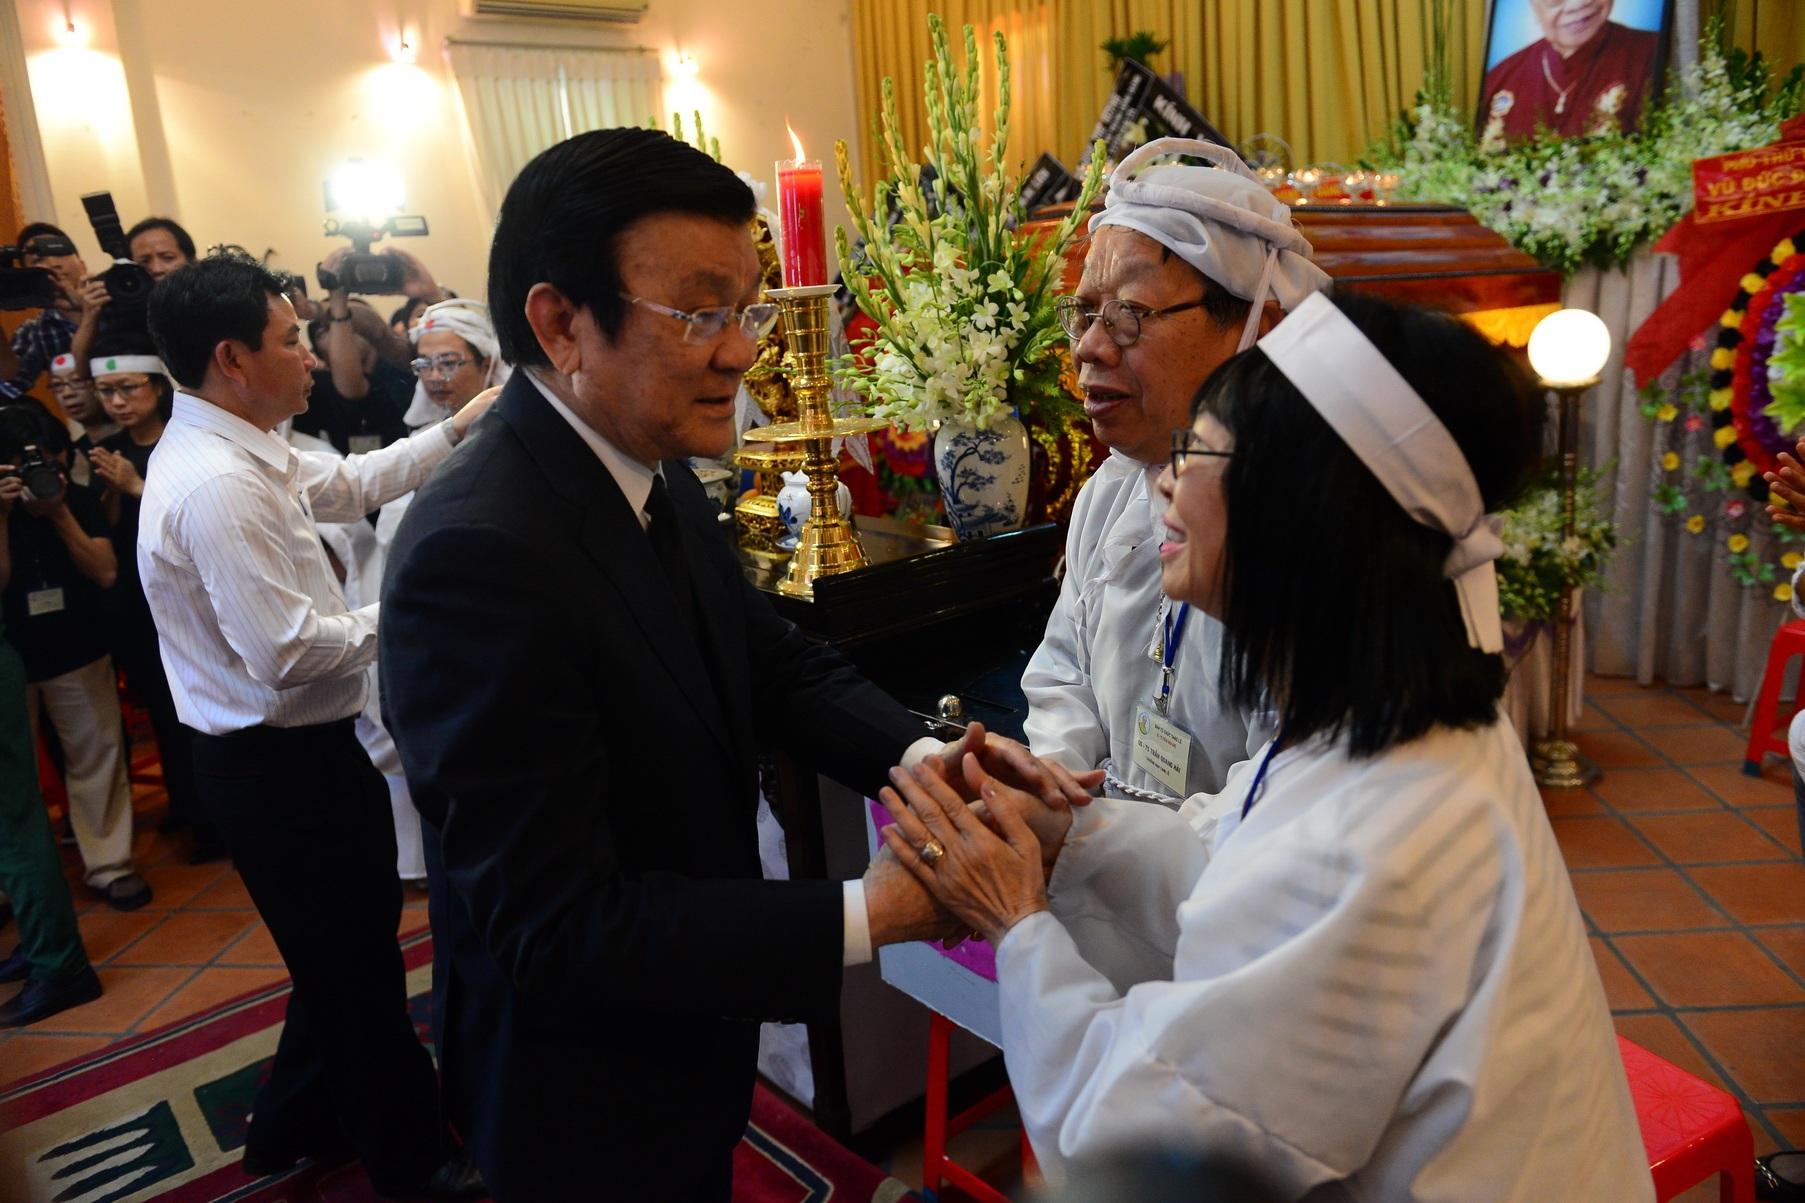 Chủ tịch nước Trương Tấn Sang đến viếng và chia buồn cùng gia đình GS - TS Trần Văn Khê